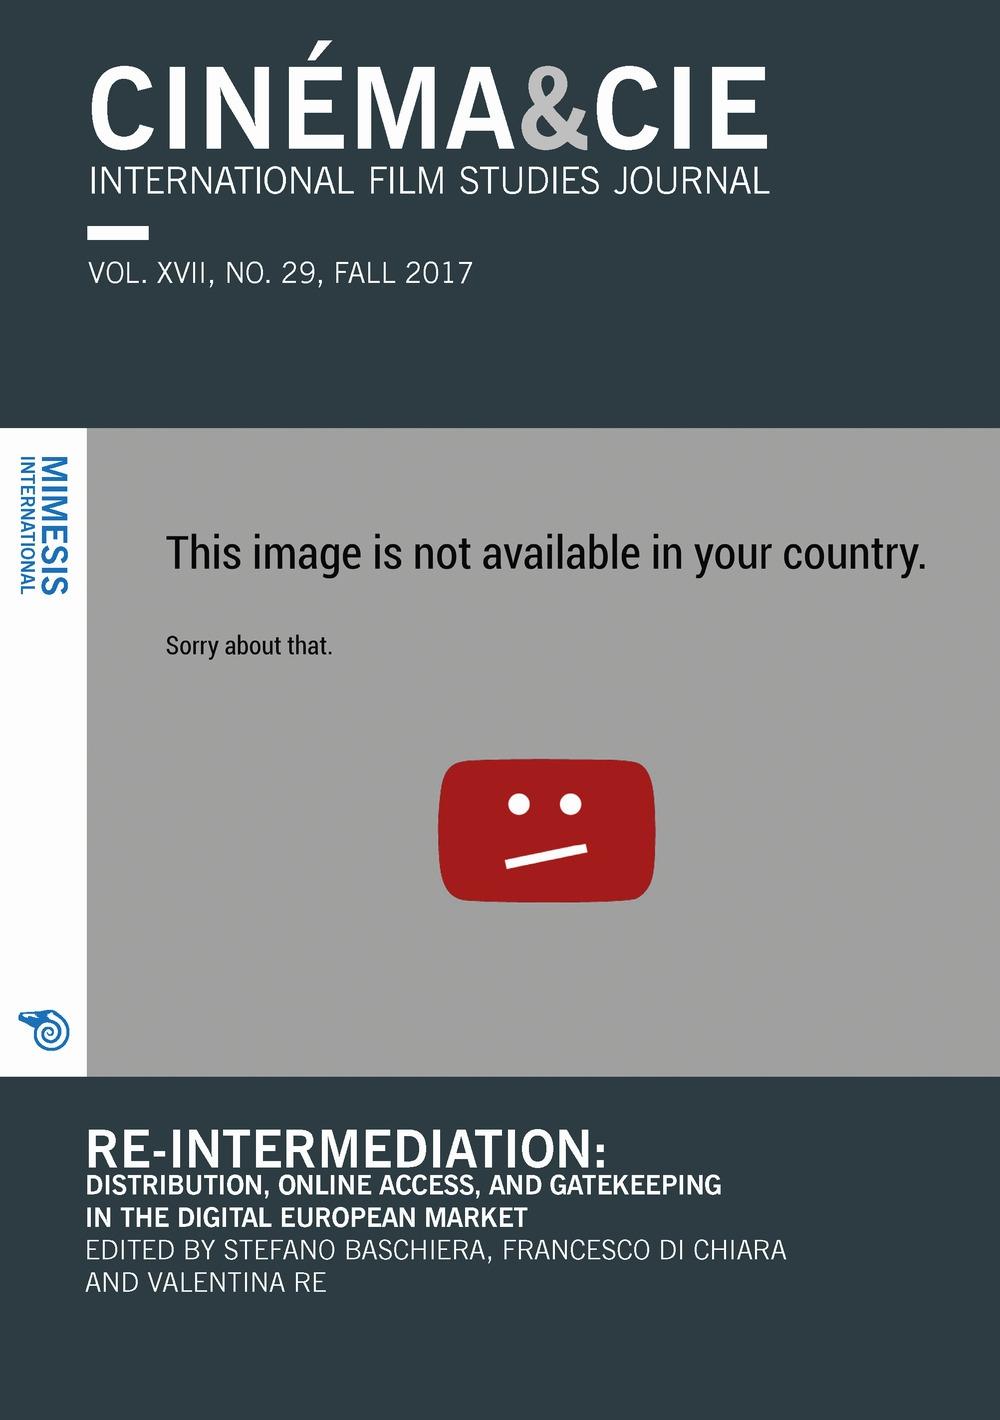 Cinema & Cie International Film Studies Journal VOL. XVII, N